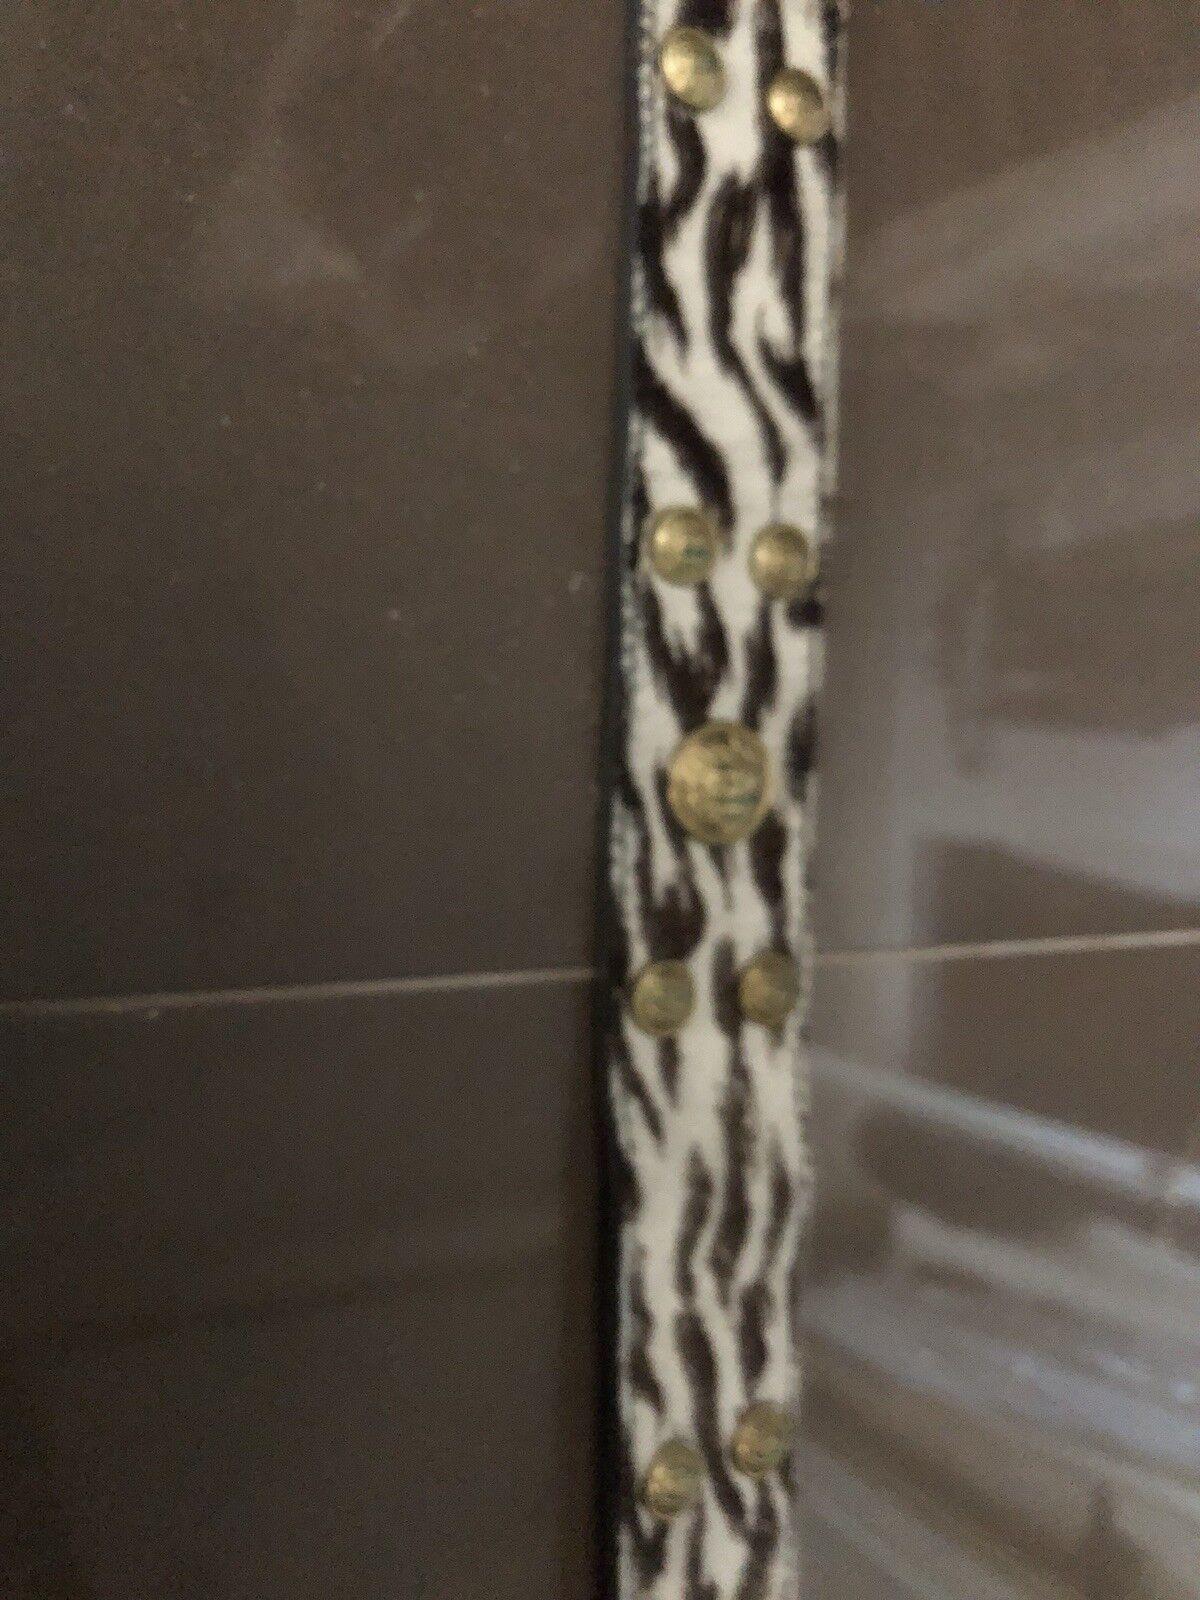 gianni versace vintage Belt - image 4